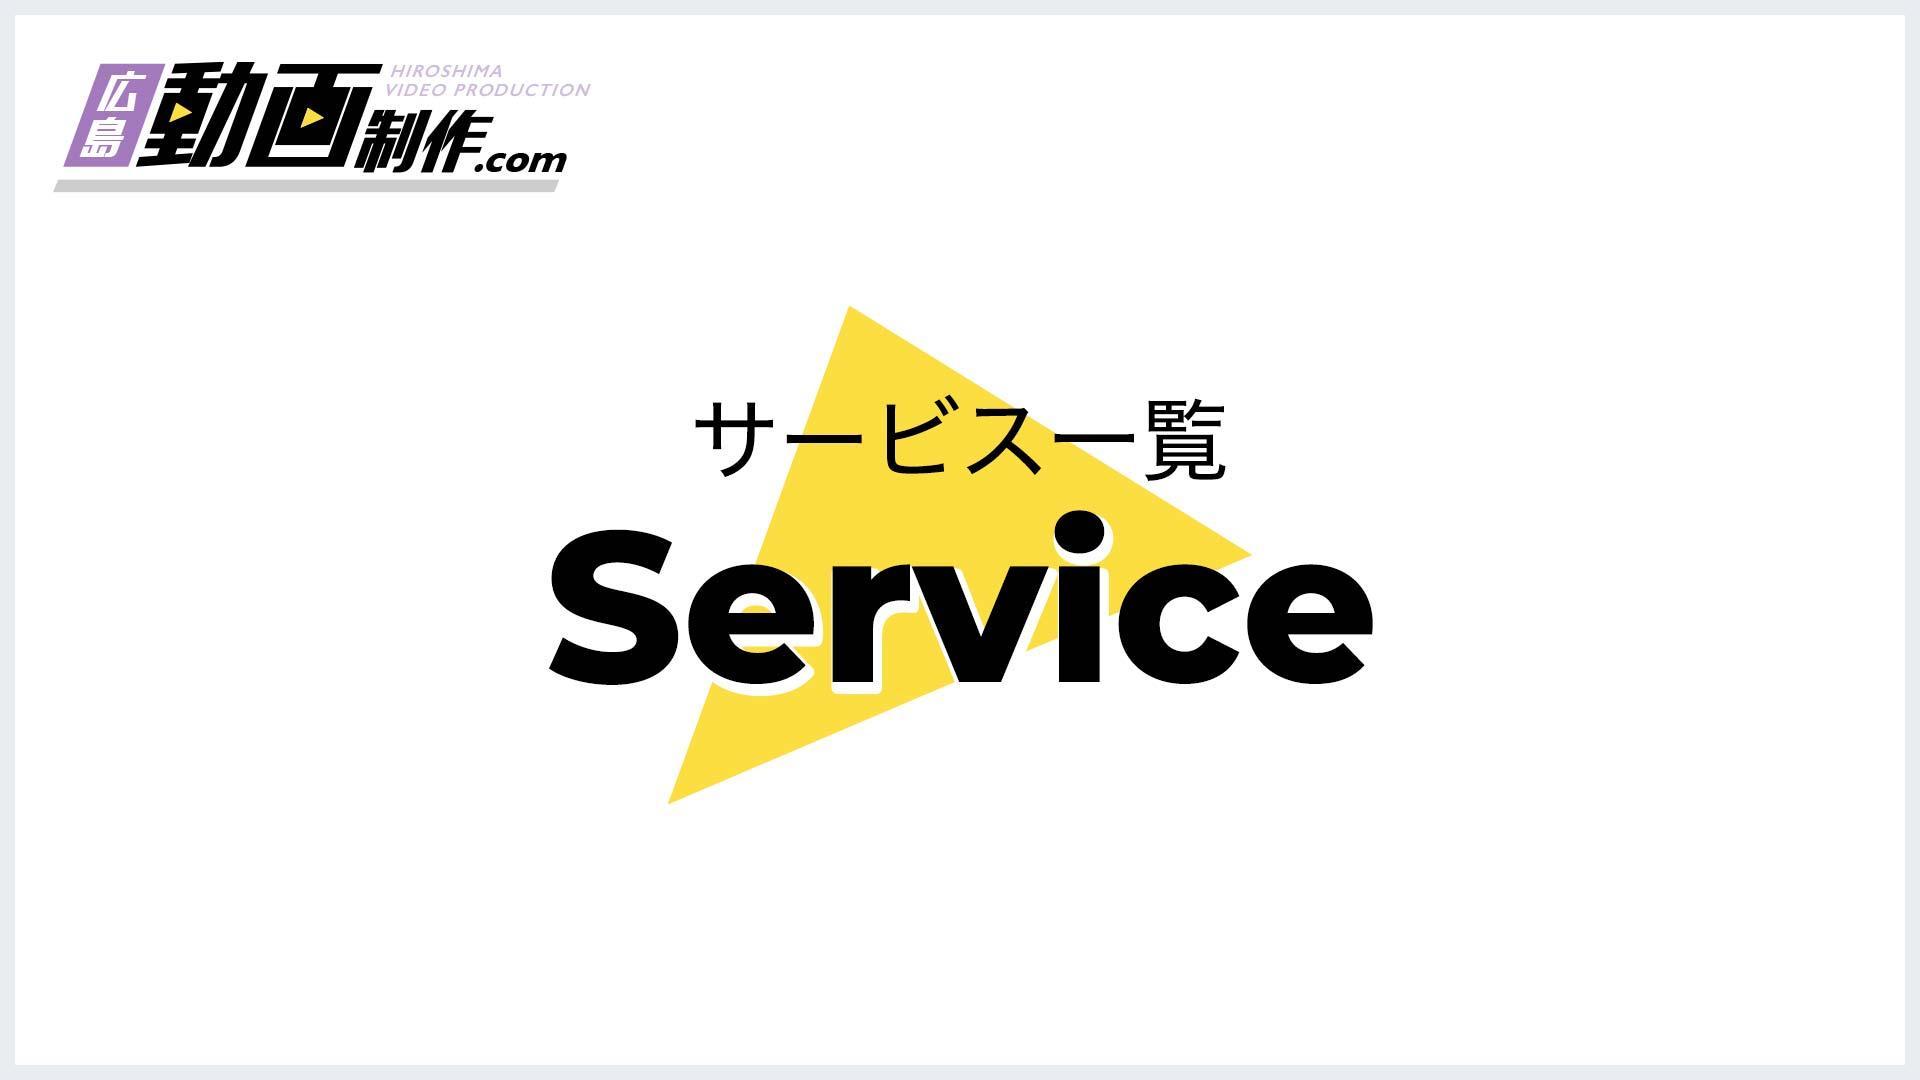 広島動画制作.com サービス一覧 サムネイル